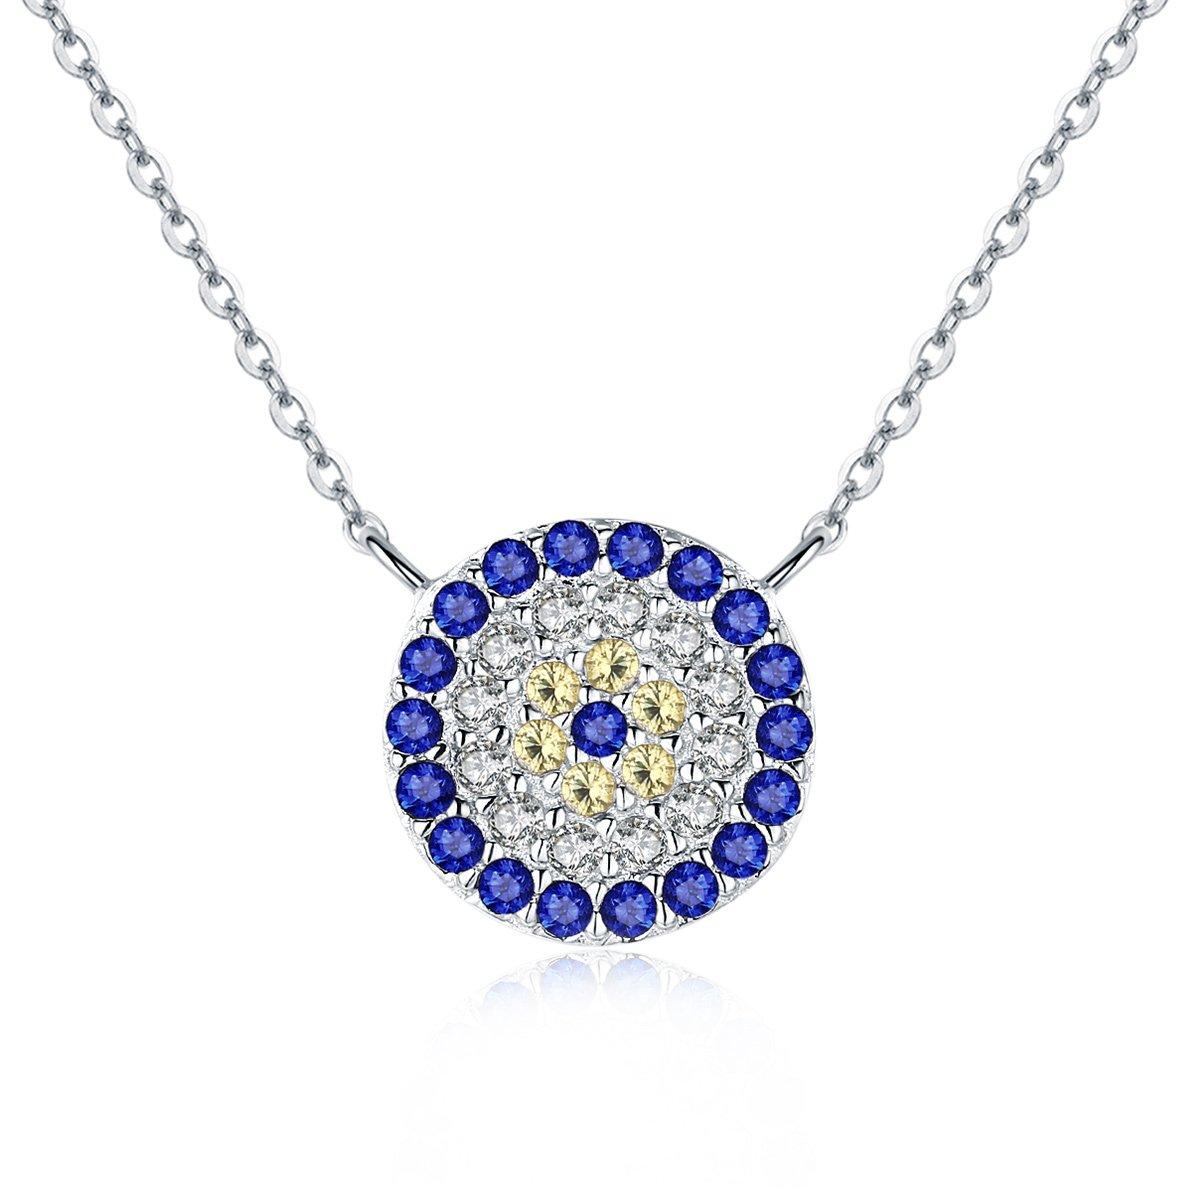 WOSTU Genuine 925 Sterling Silver Evil Eye Jewelry Set Pendant Necklace Bracelets Stud Earrings for Women CQB006+CP0012-S